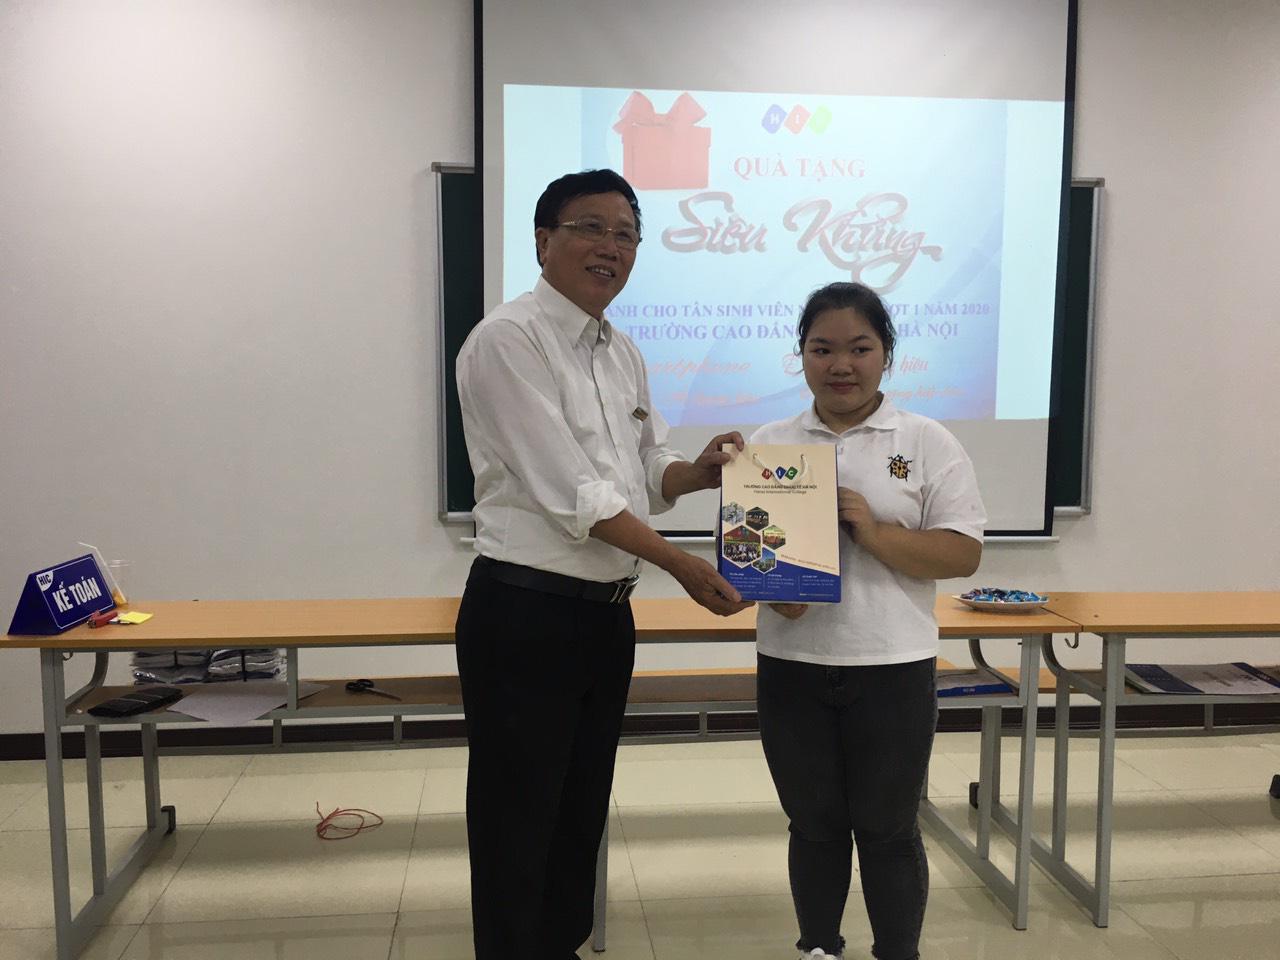 Trường Cao đẳng Quốc tế Hà Nội dành gói học bổng đặc biệt cho du học sinh bị ảnh hưởng bởi Covid-19 - Ảnh 2.